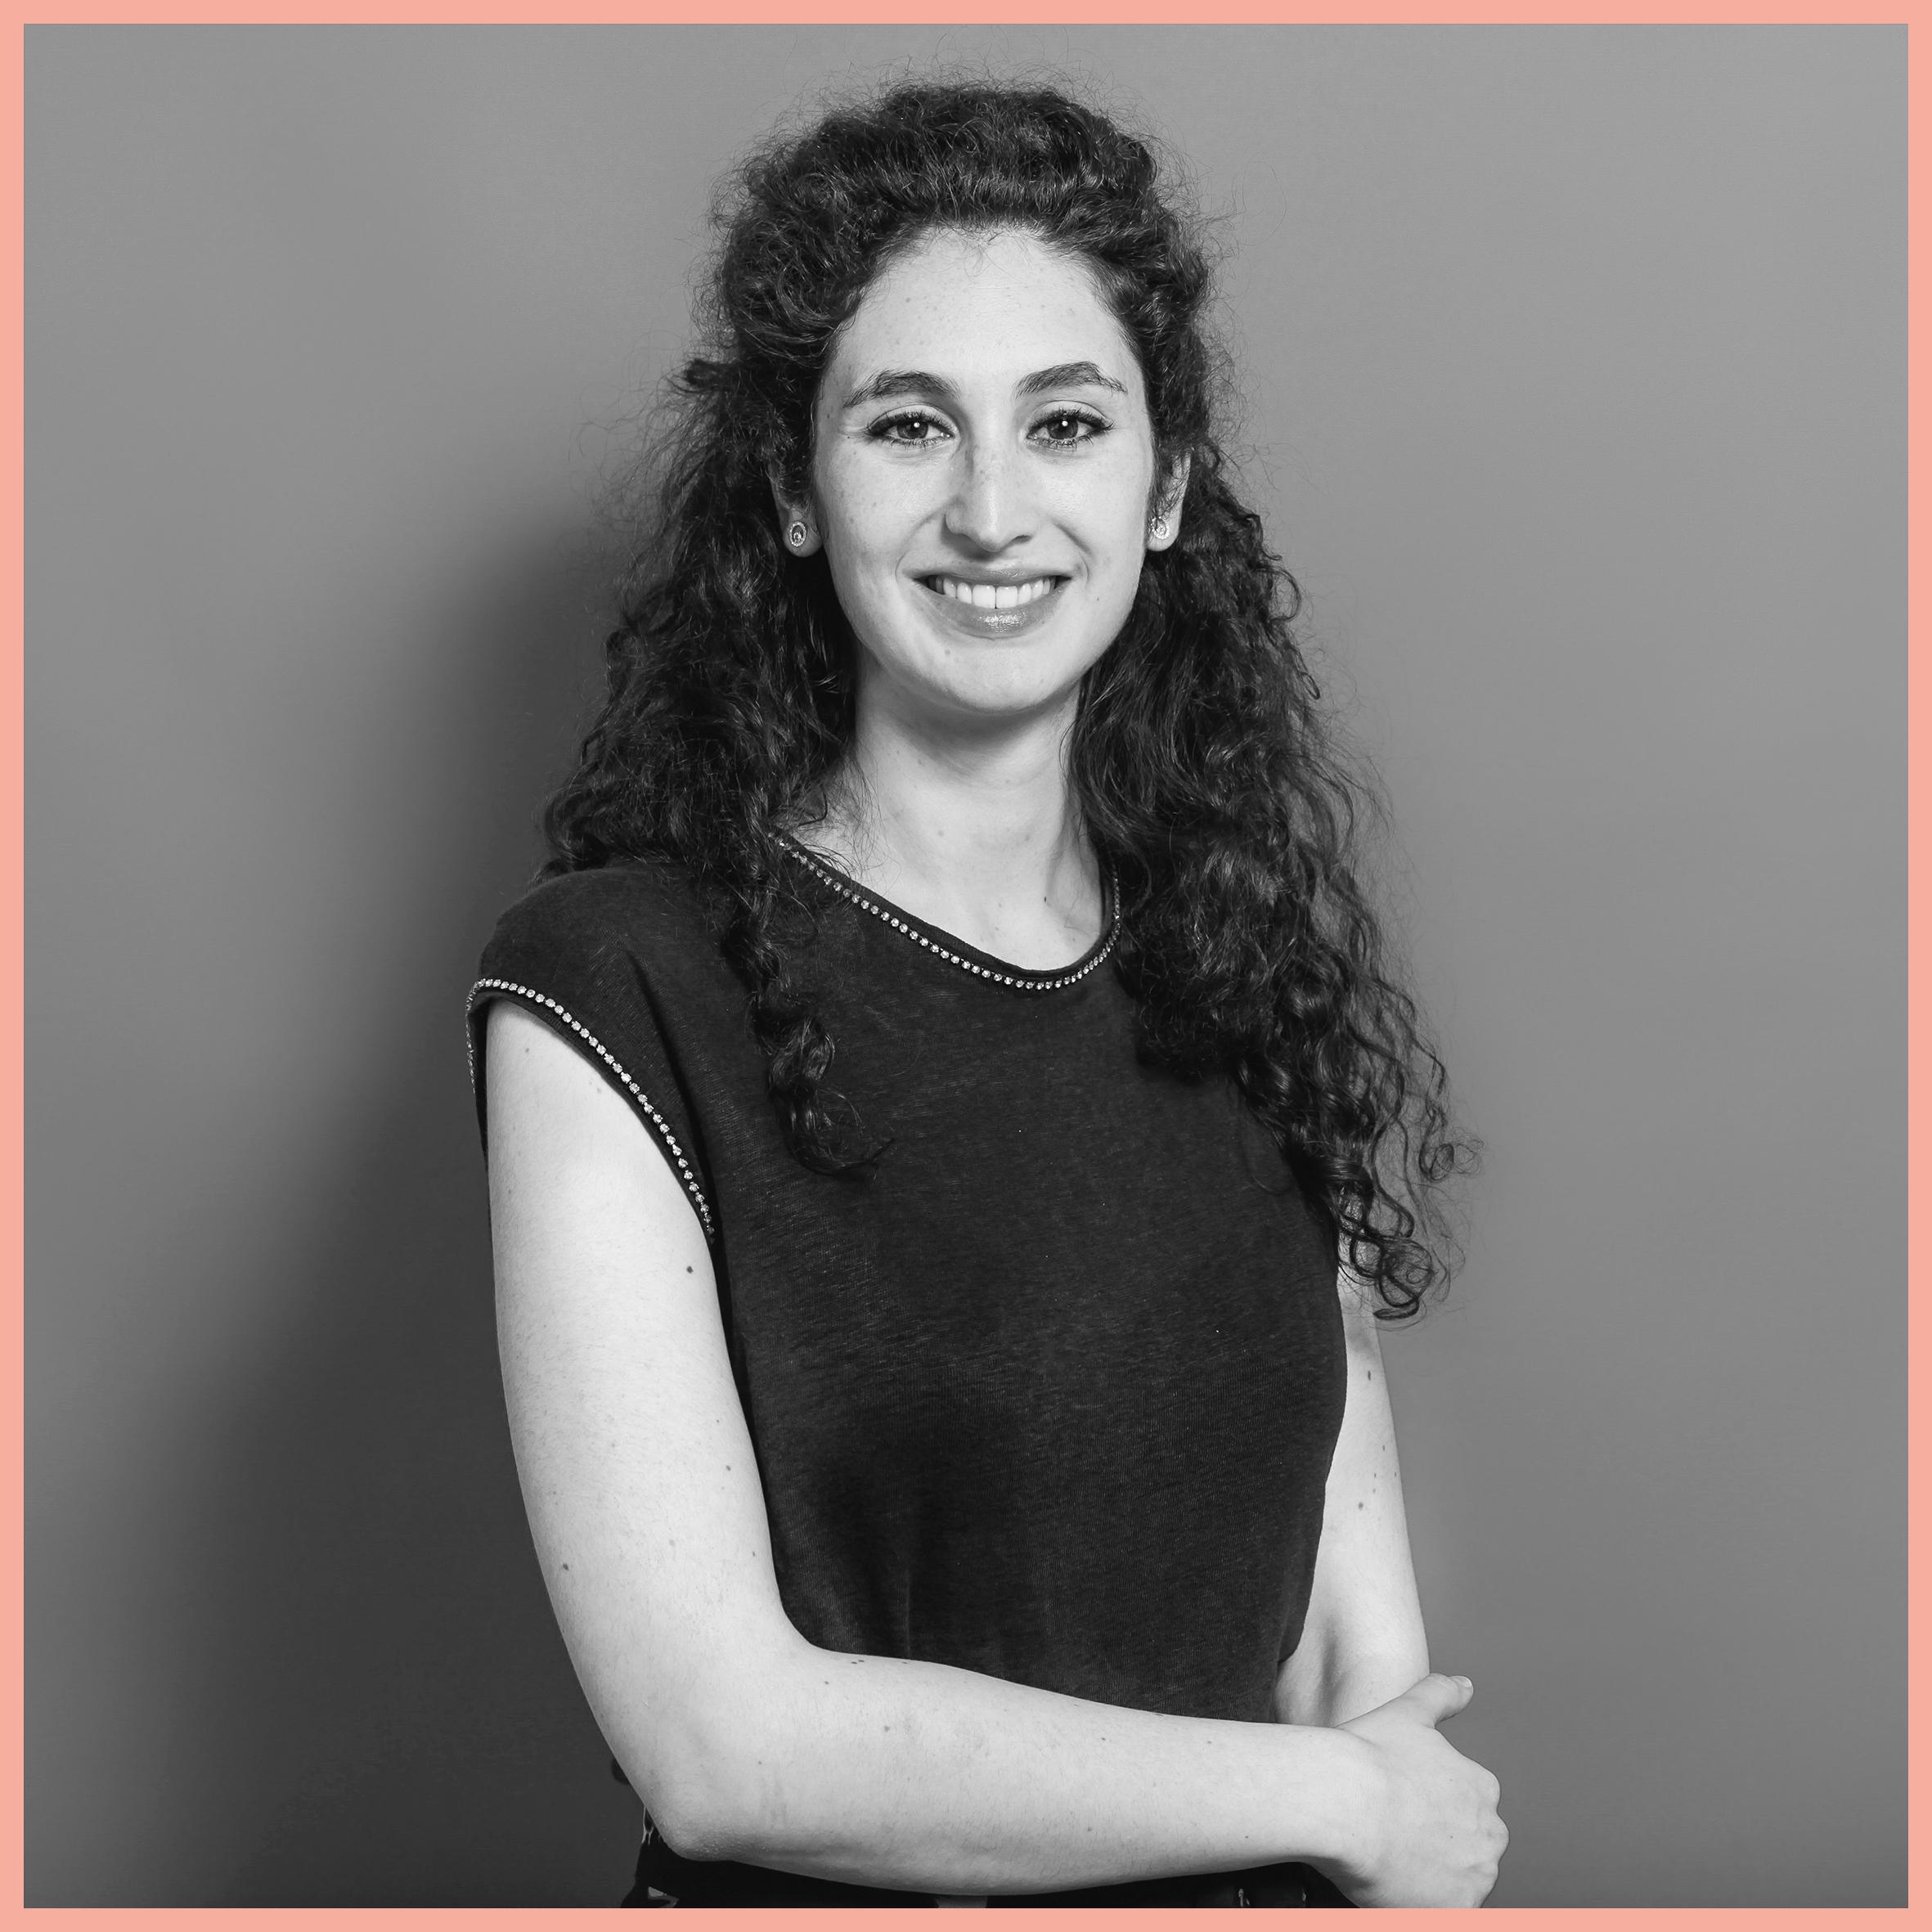 Esther Attias - Freelance Reporter